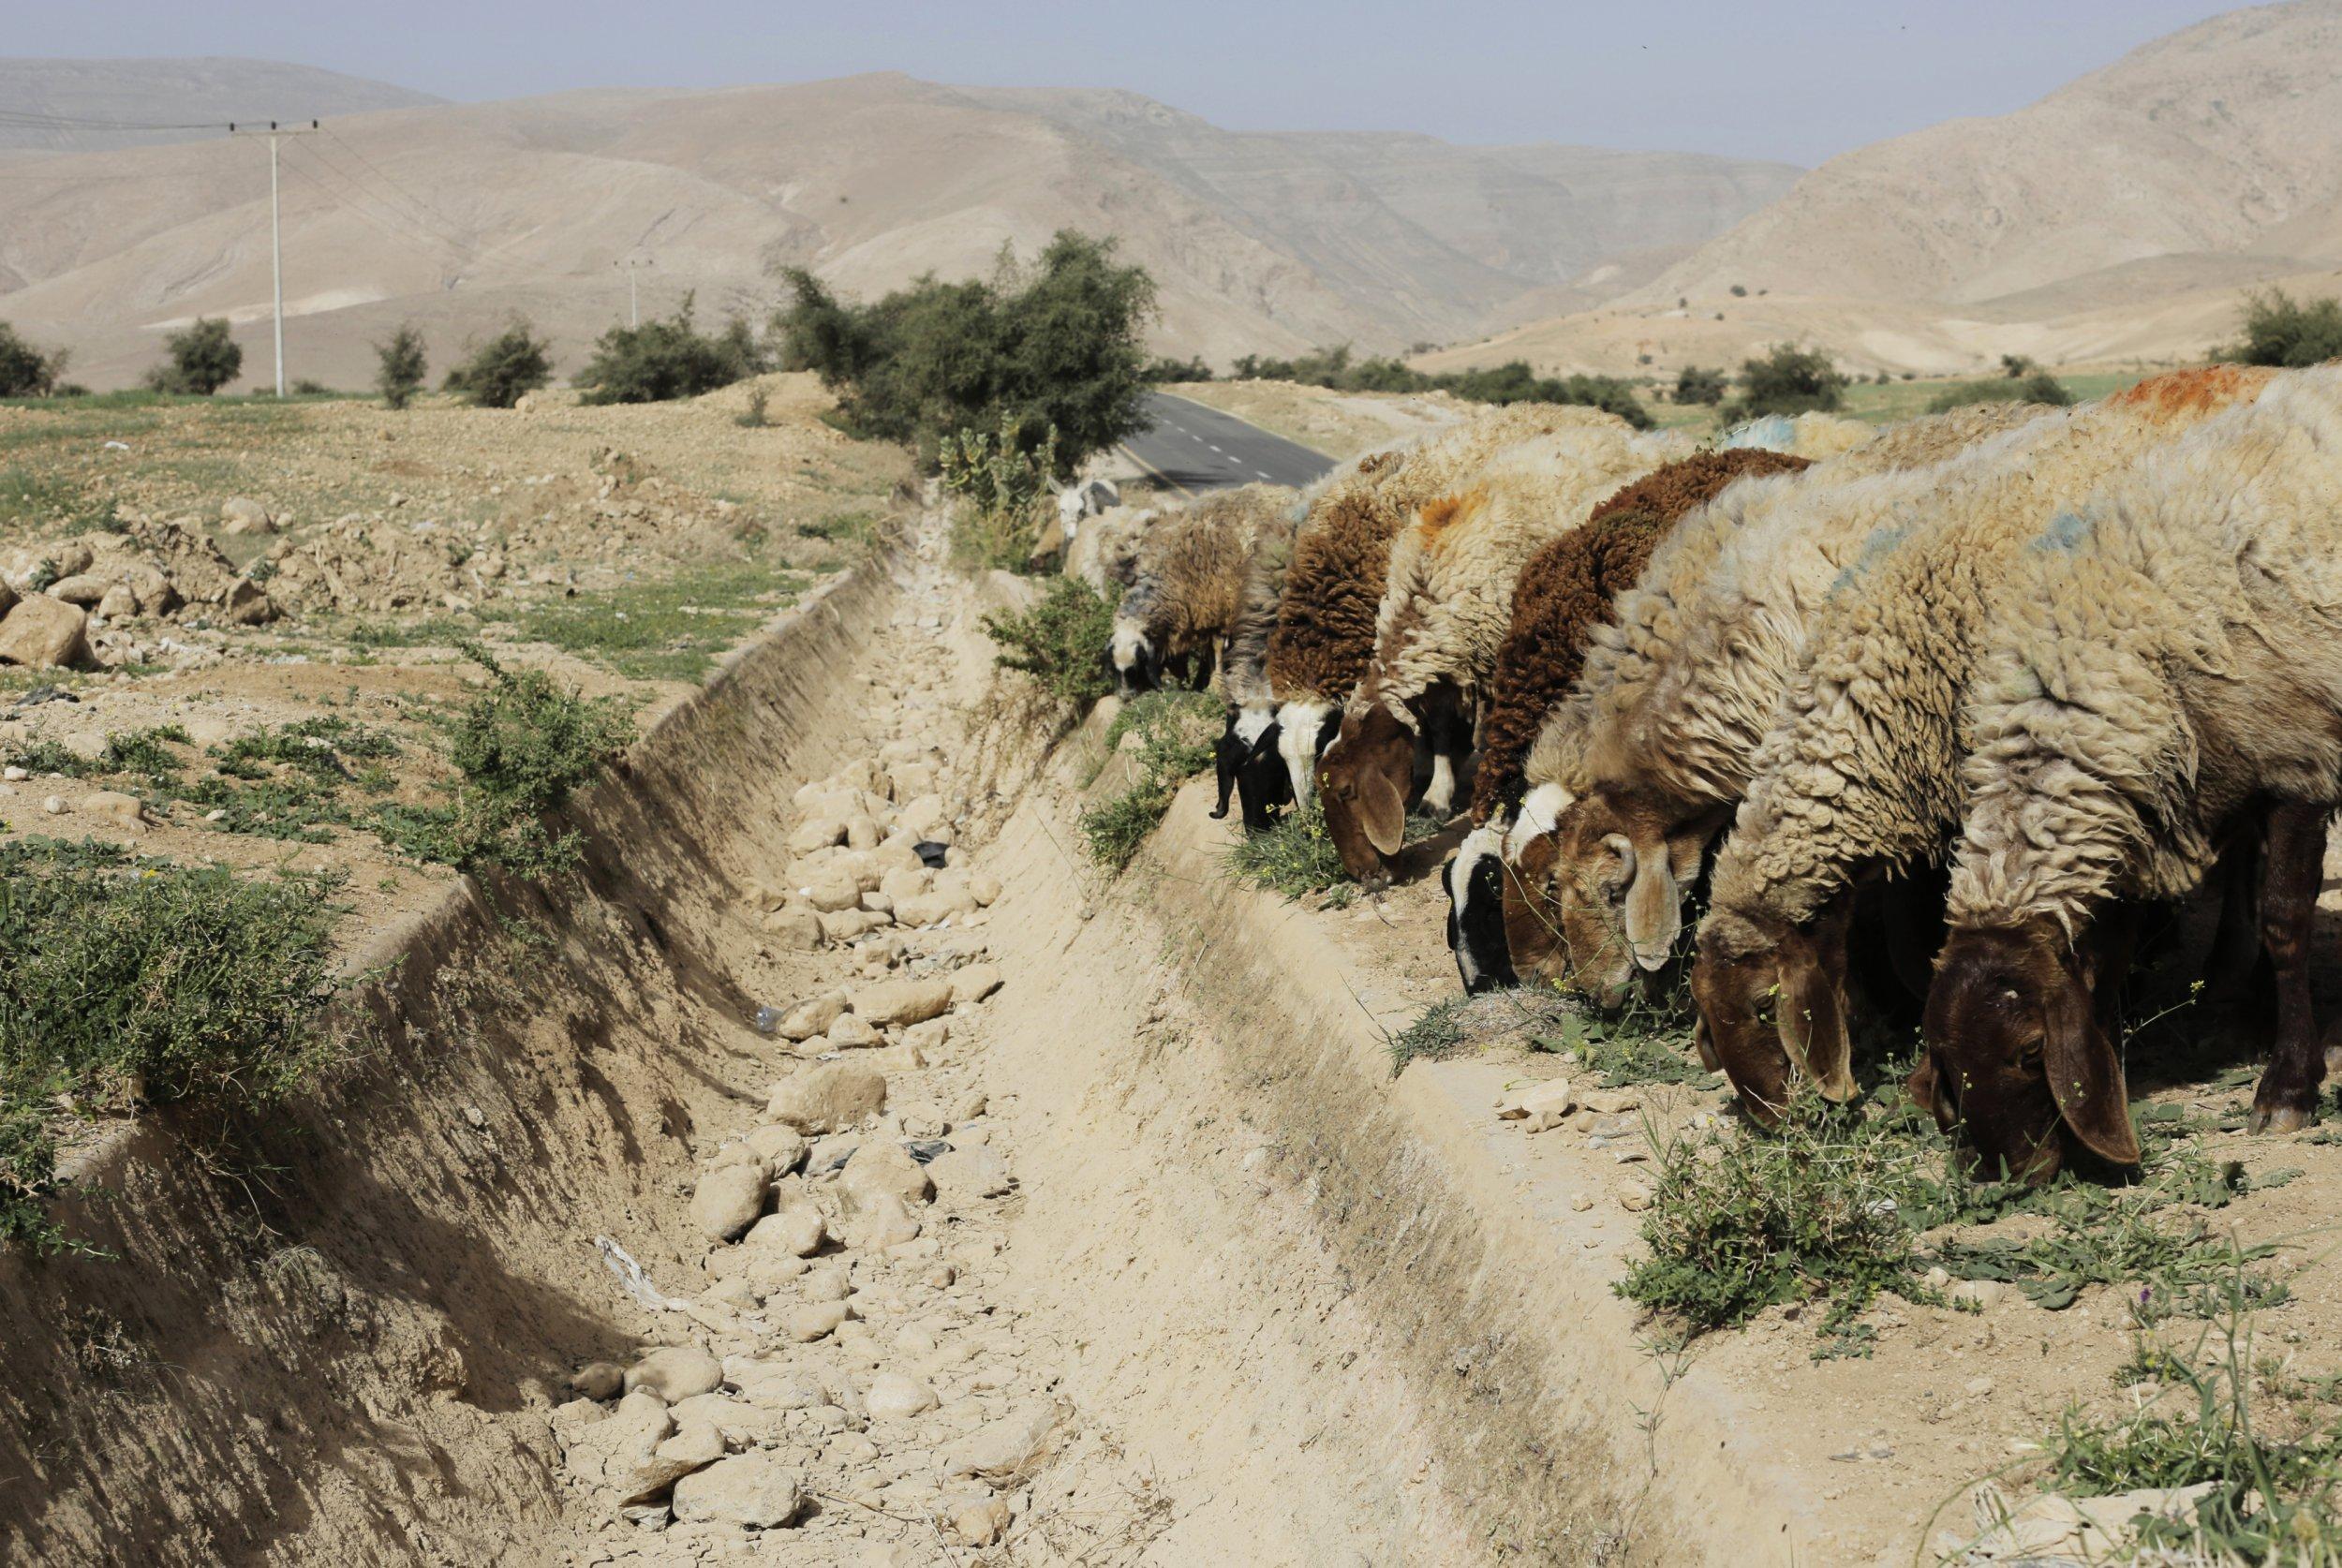 Αποτέλεσμα εικόνας για Documents Reveal Middle East Regimes Fear Food, Water, Energy Shortages